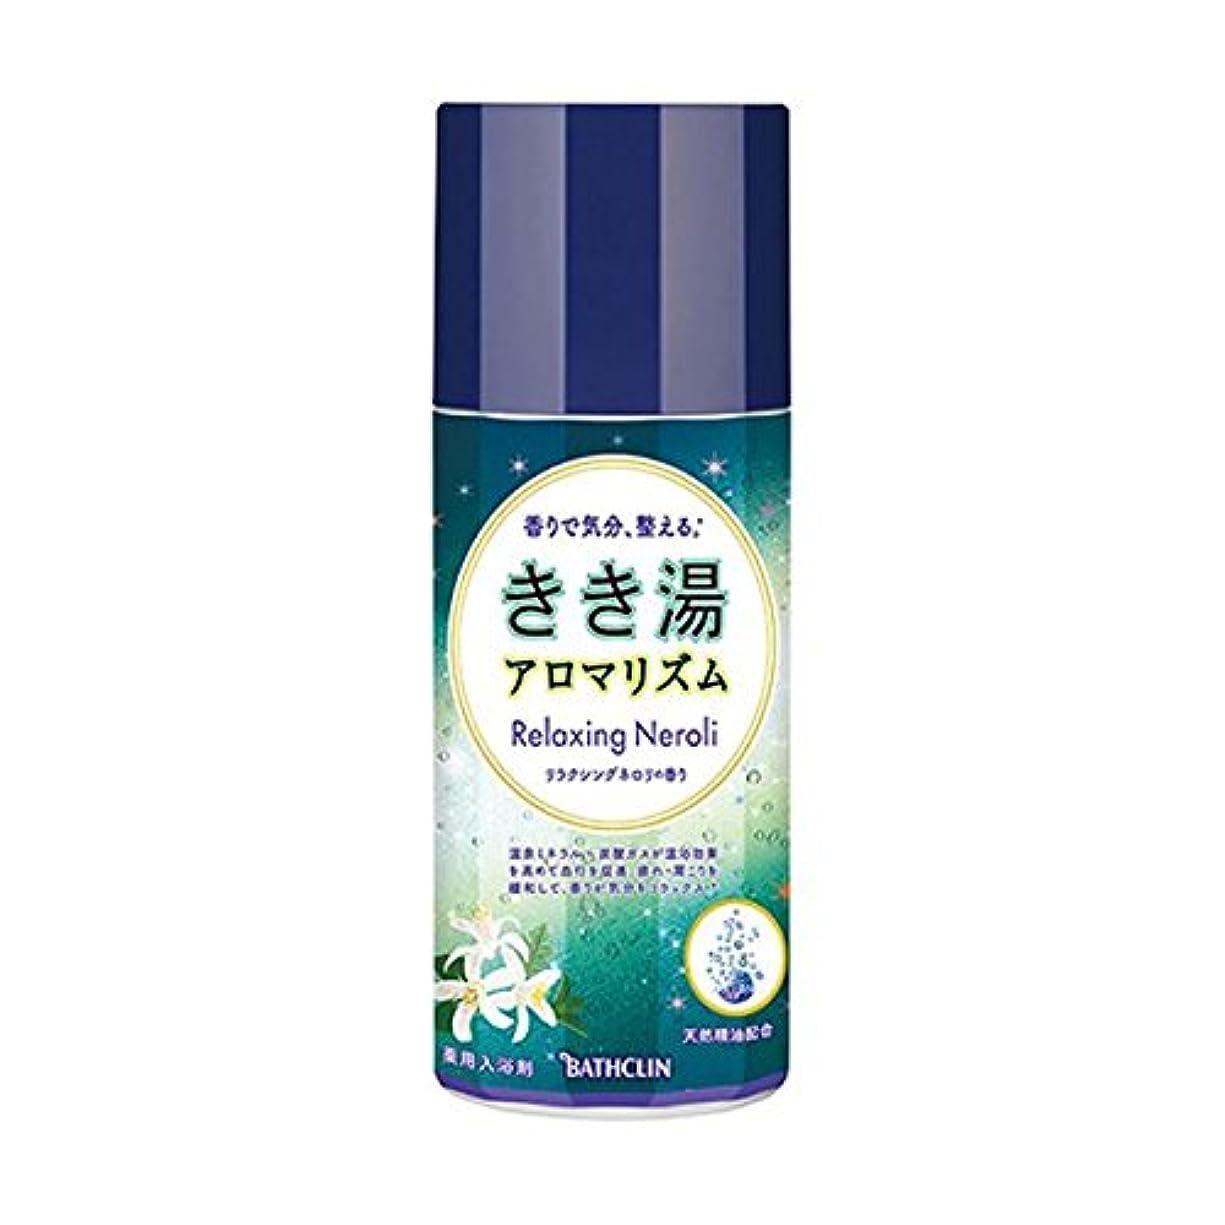 電信電化するビクターきき湯アロマリズム リラクシングネロリの香り 360gx3本 (4548514137585)